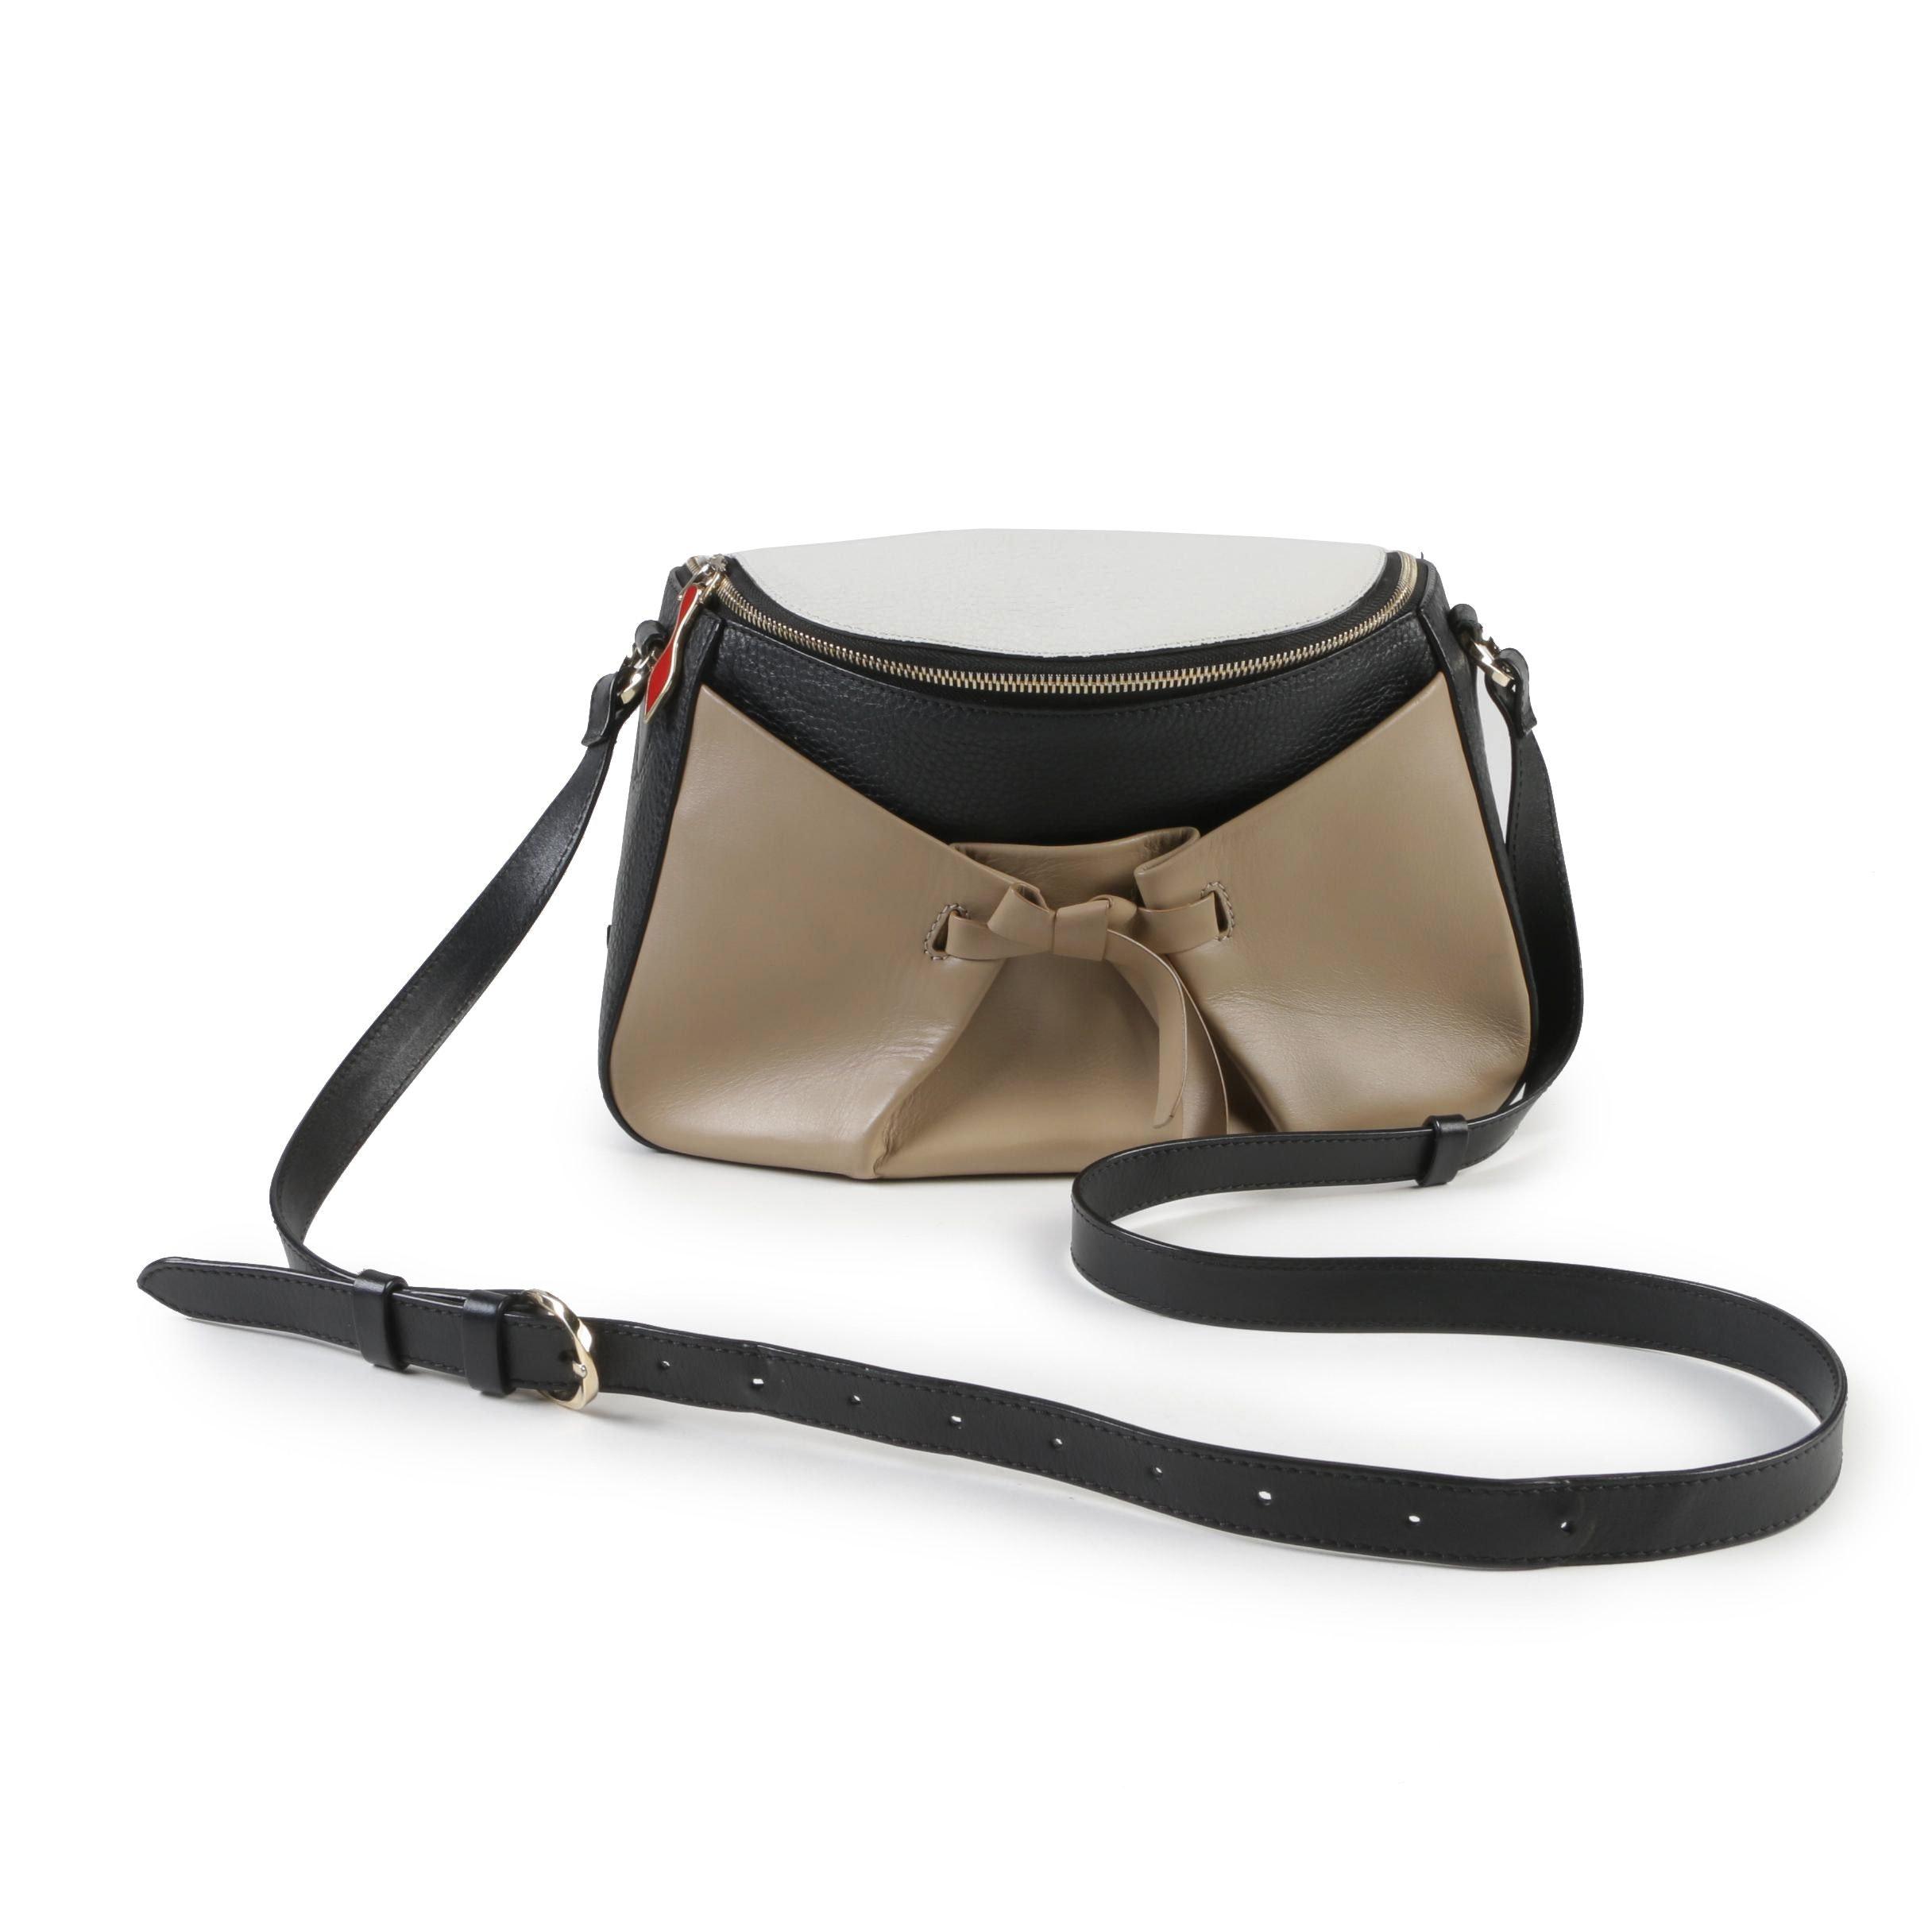 Christian Louboutin Tri-Color Leather Salina Zip Top Crossbody Bag